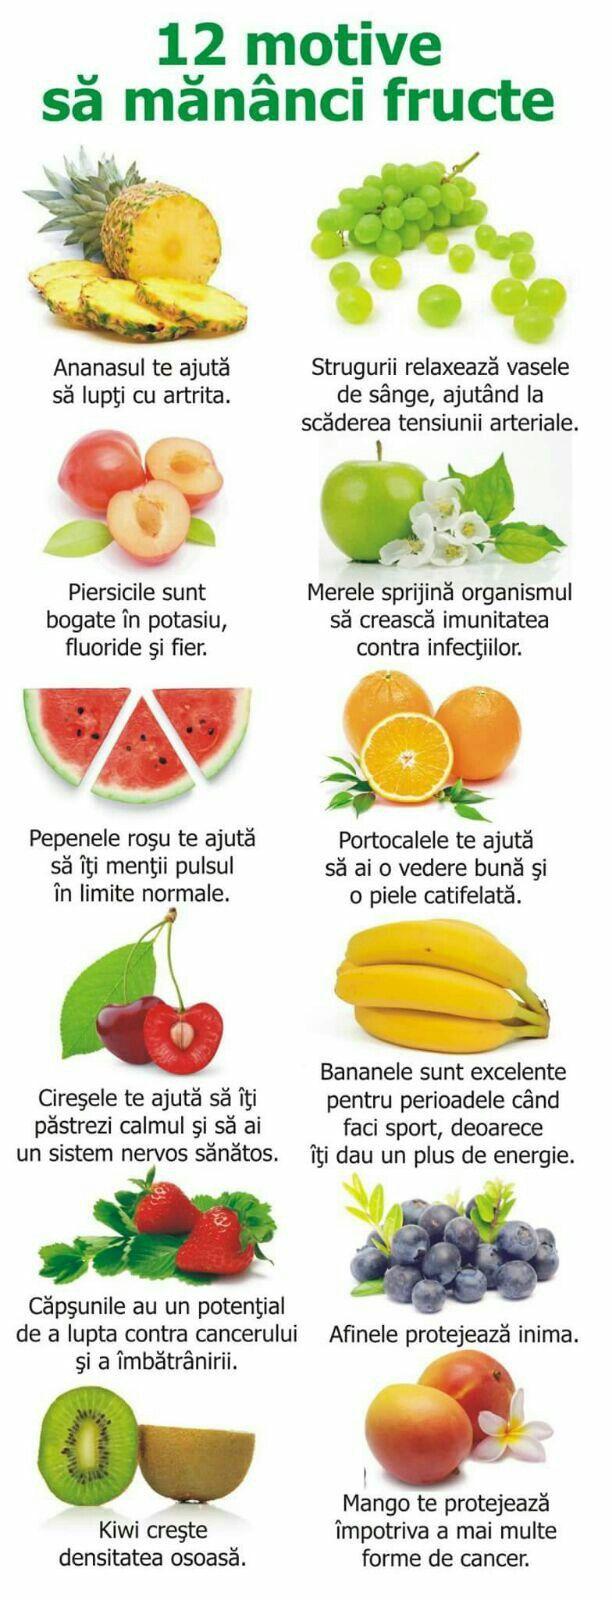 ajută calmul natural la pierderea în greutate